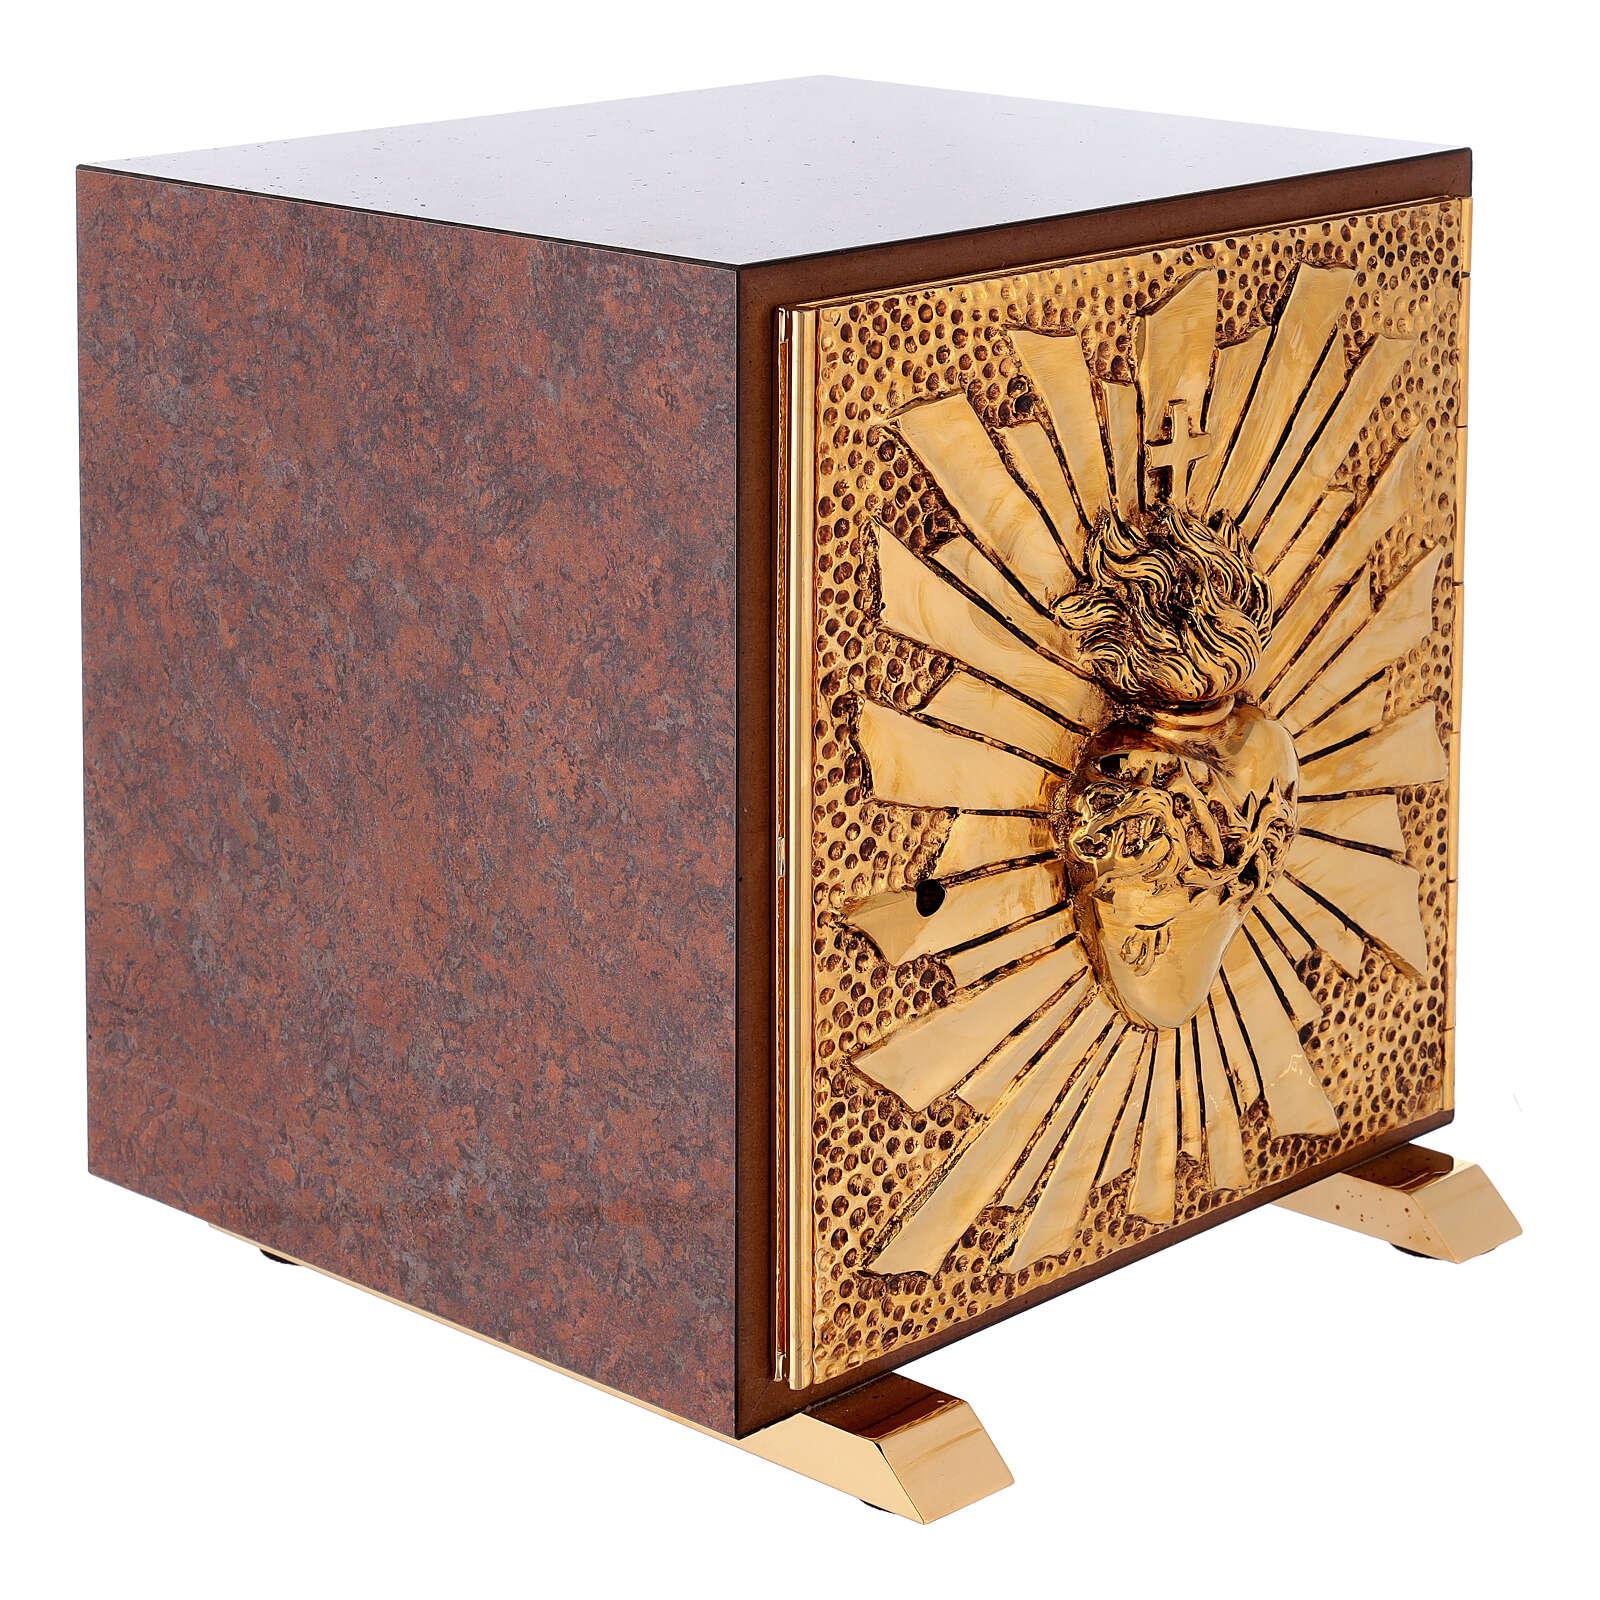 Tabernacolo mensa Sacro Cuore finitura marmo rosso ottone dorato 4